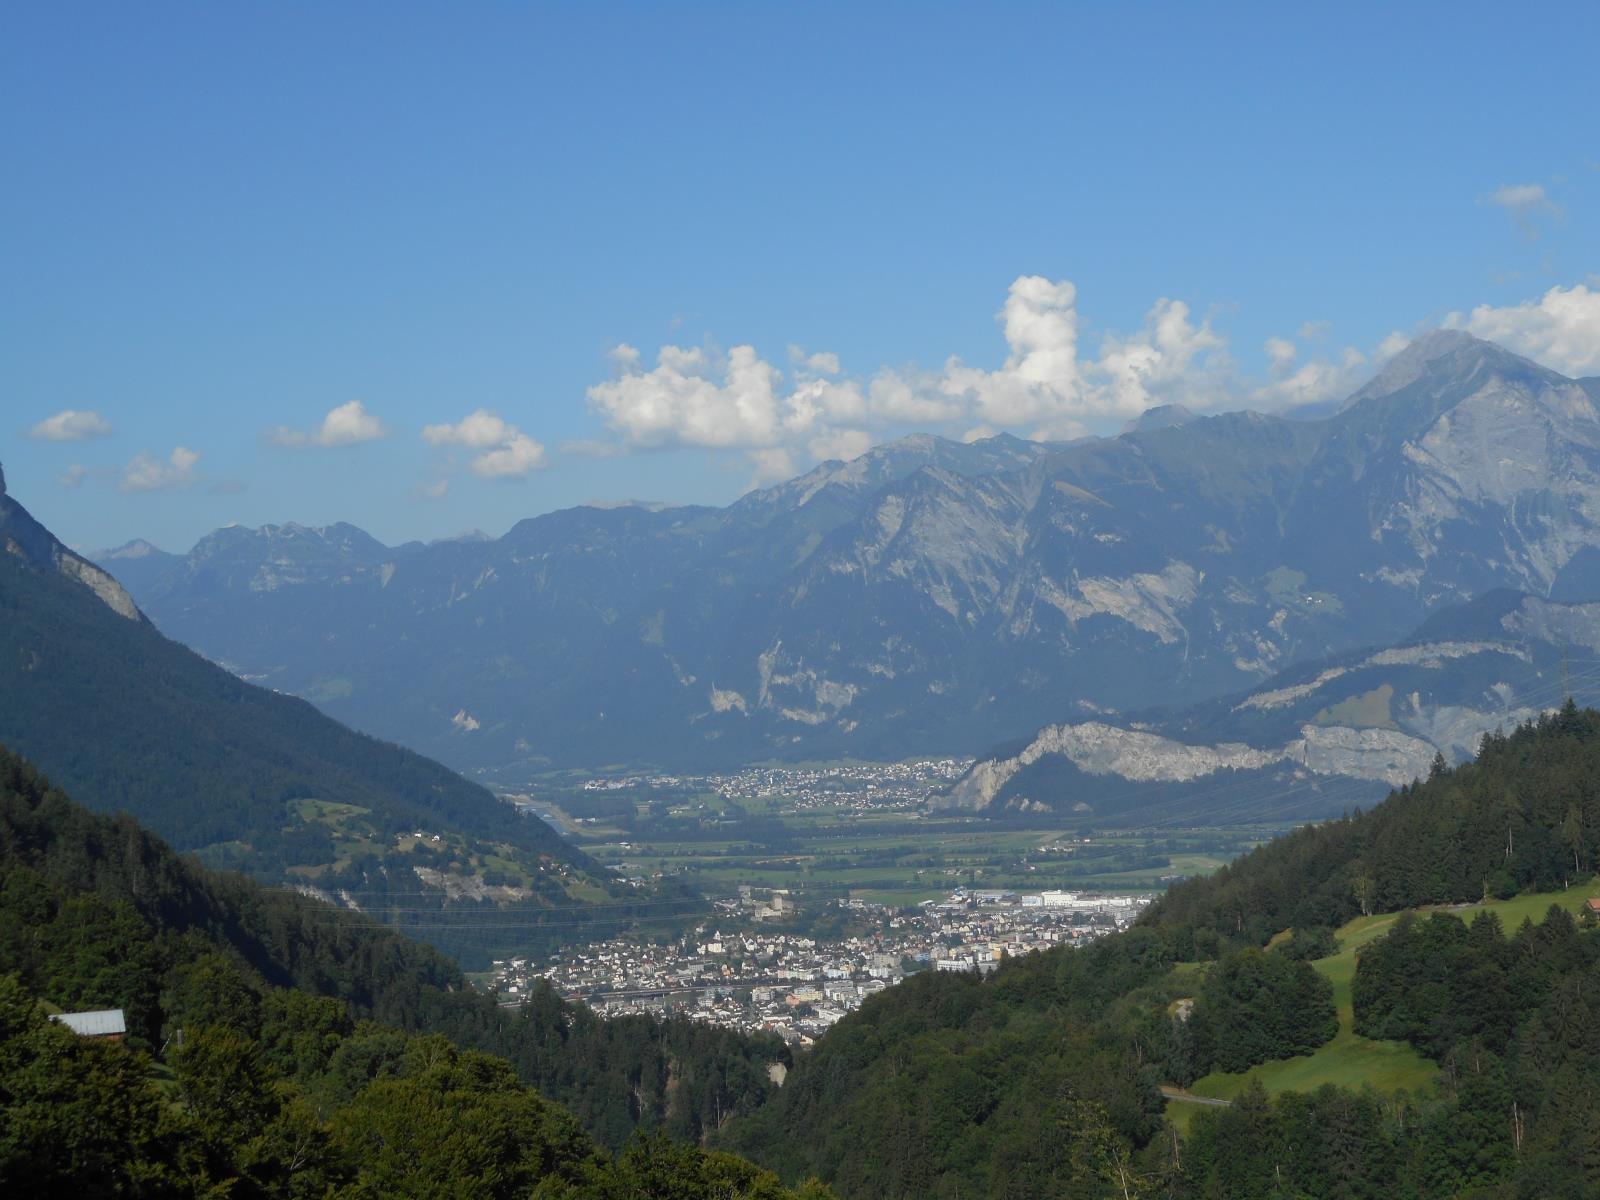 Et on approche de Sargan et du Liechtenstein